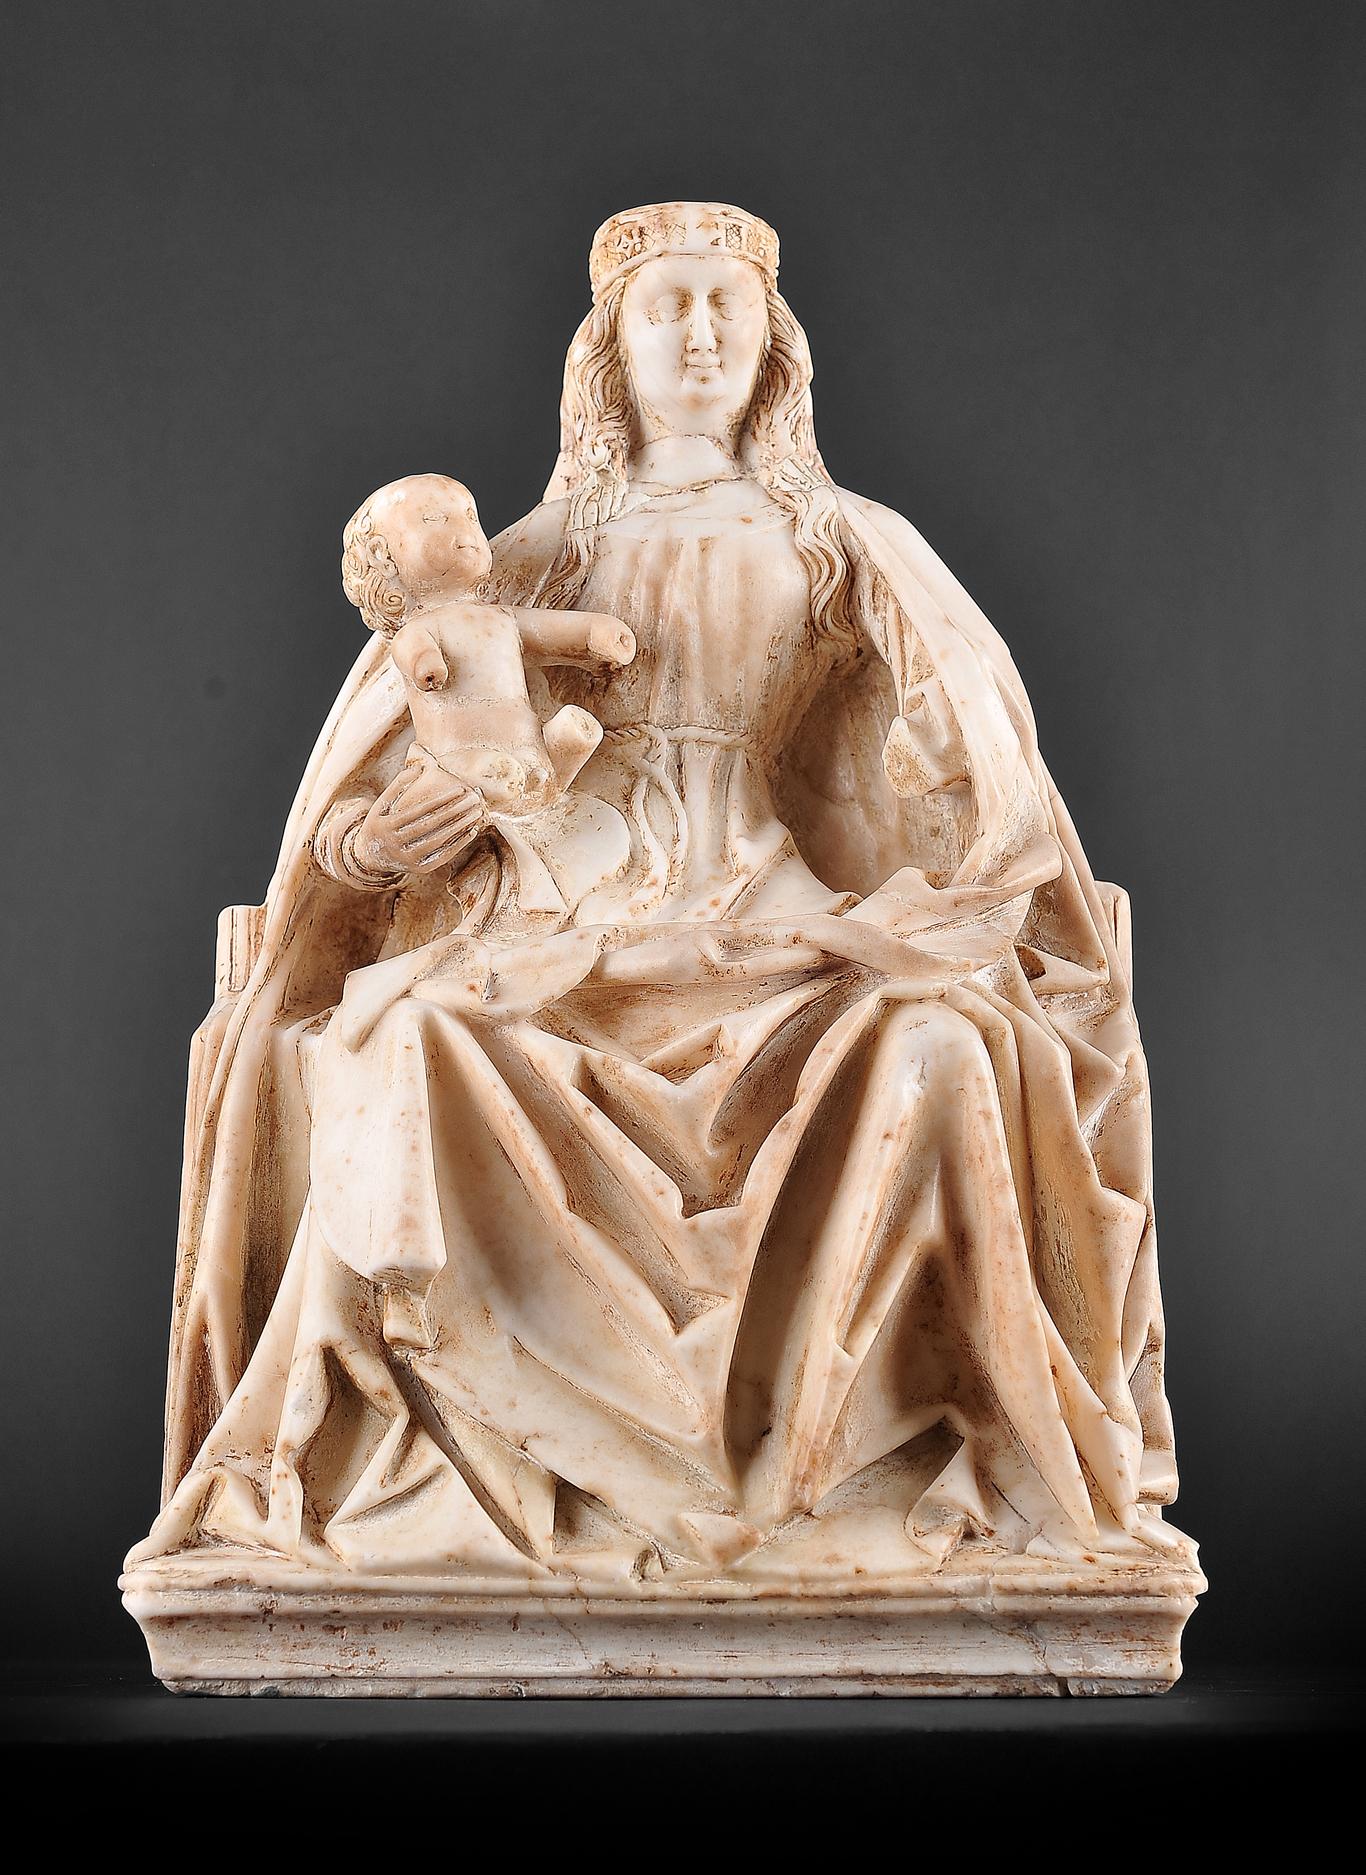 Gil de Siloe, Antwerpen 1440 – 1501 Burgos (und Werkstatt), Sitzende Madonna, um 1485/90 - Image 3 of 25